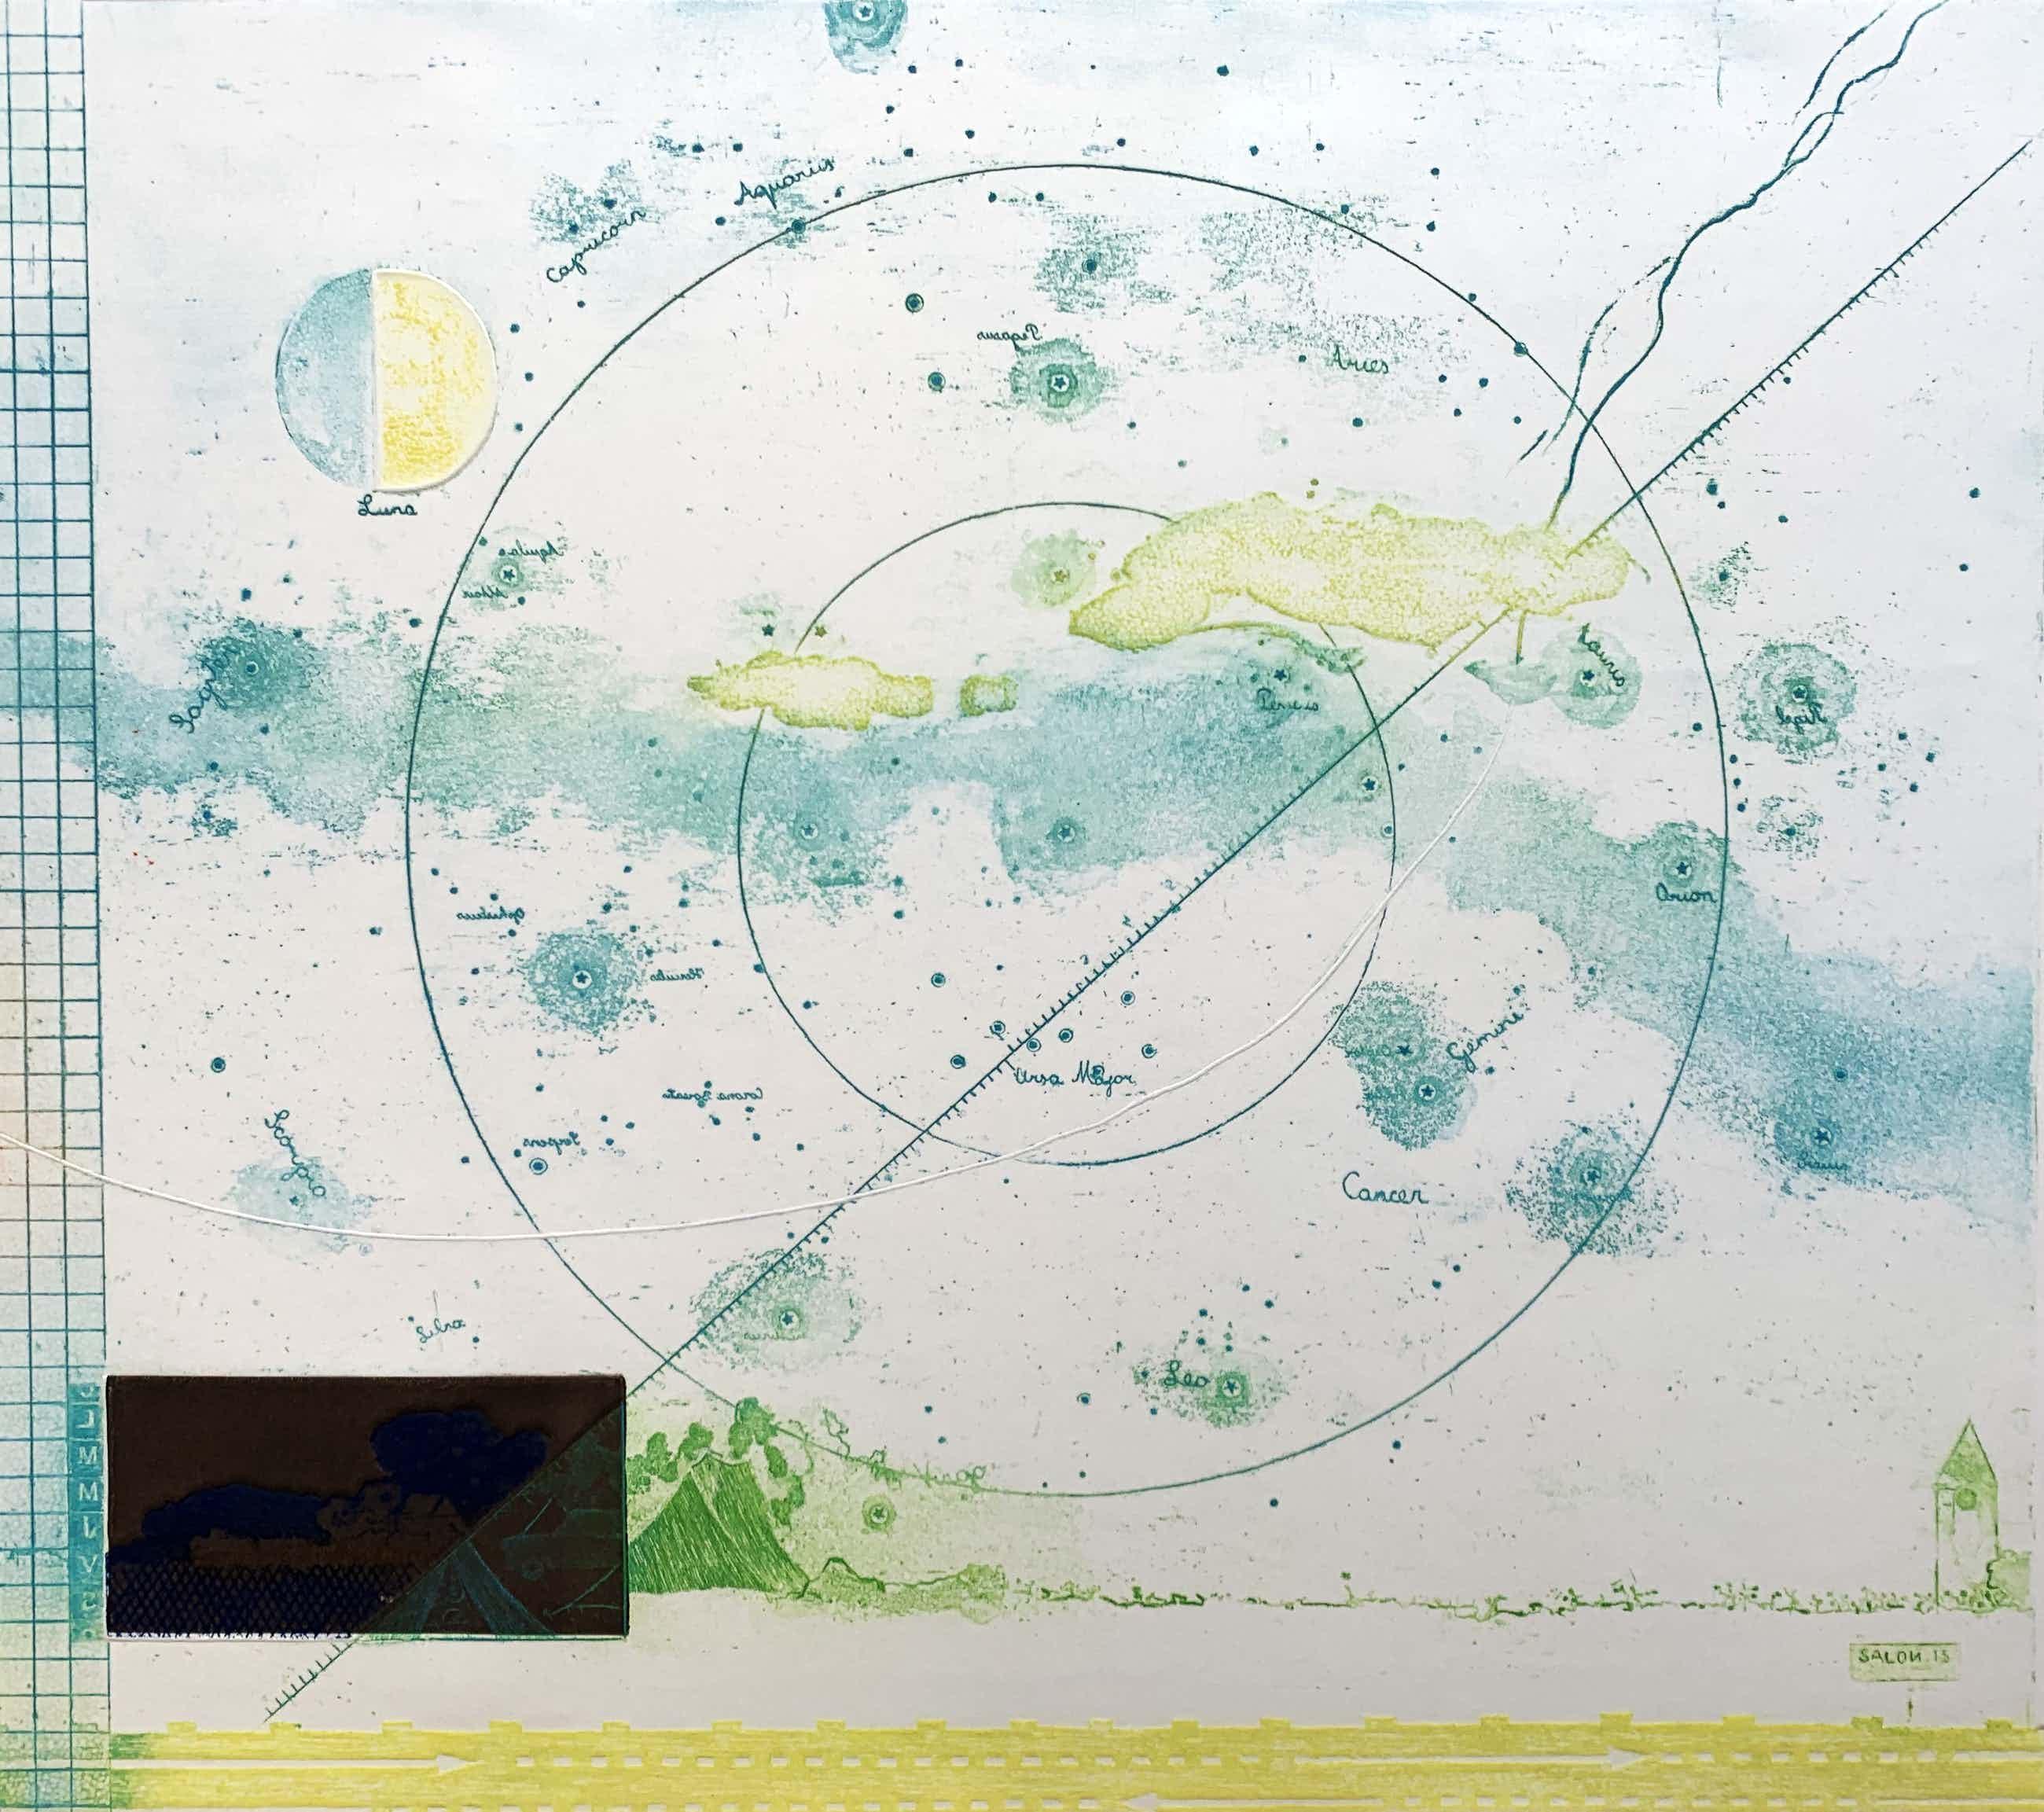 Eduard Flor - ets/aquatint met reliëfdruk - 'Hemel 's nachts' - 1970 (Prent 190 Serie 5B) kopen? Bied vanaf 70!